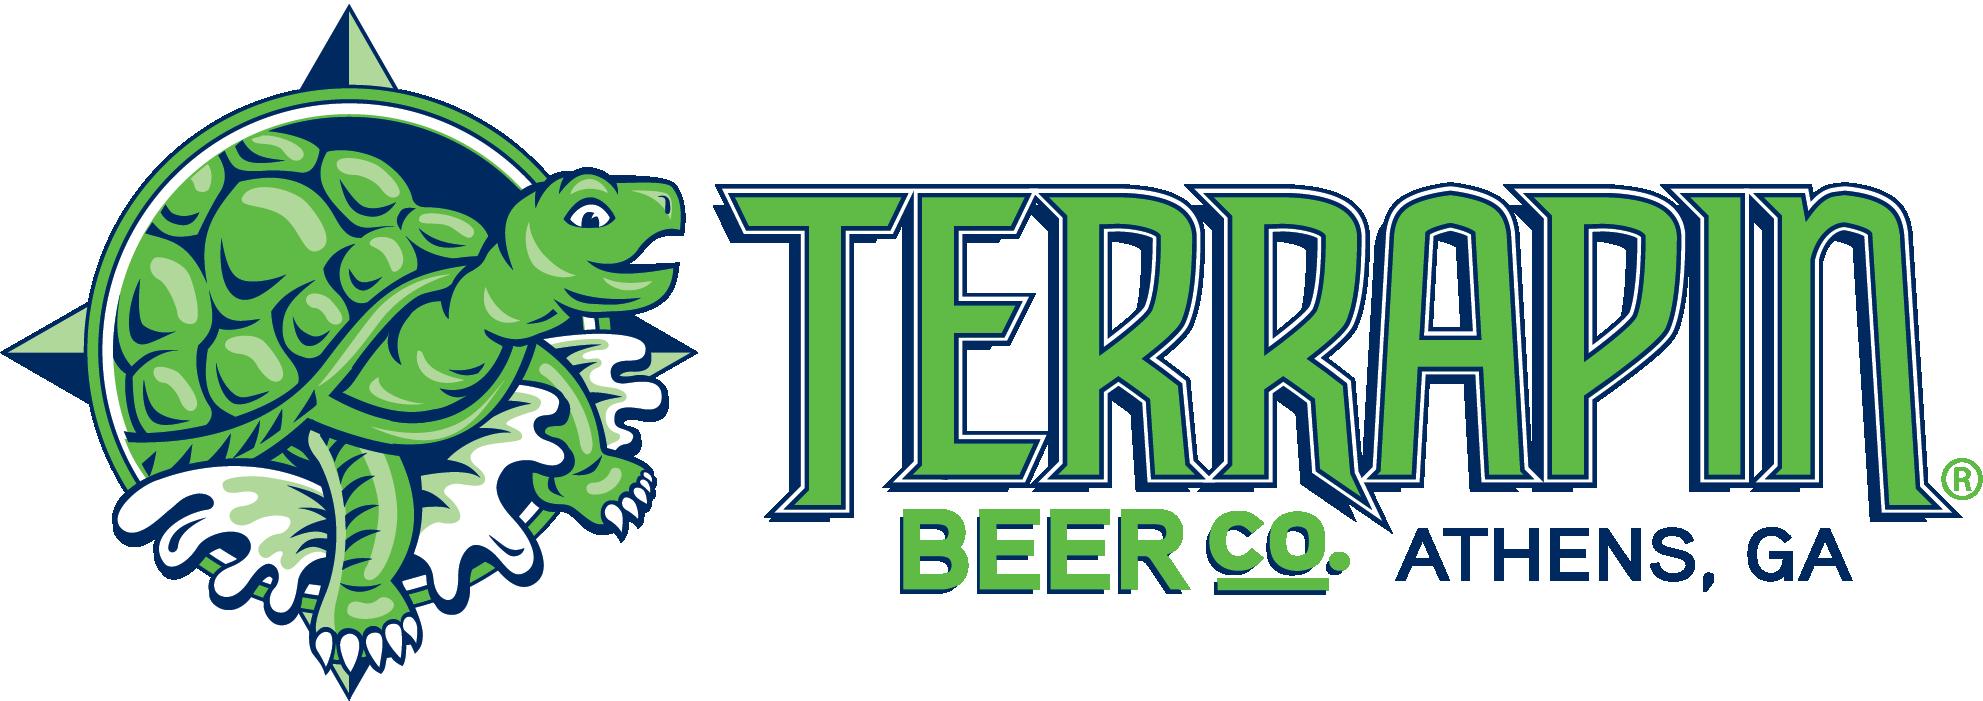 Terrapin horiz logo Vector_CMYK.png